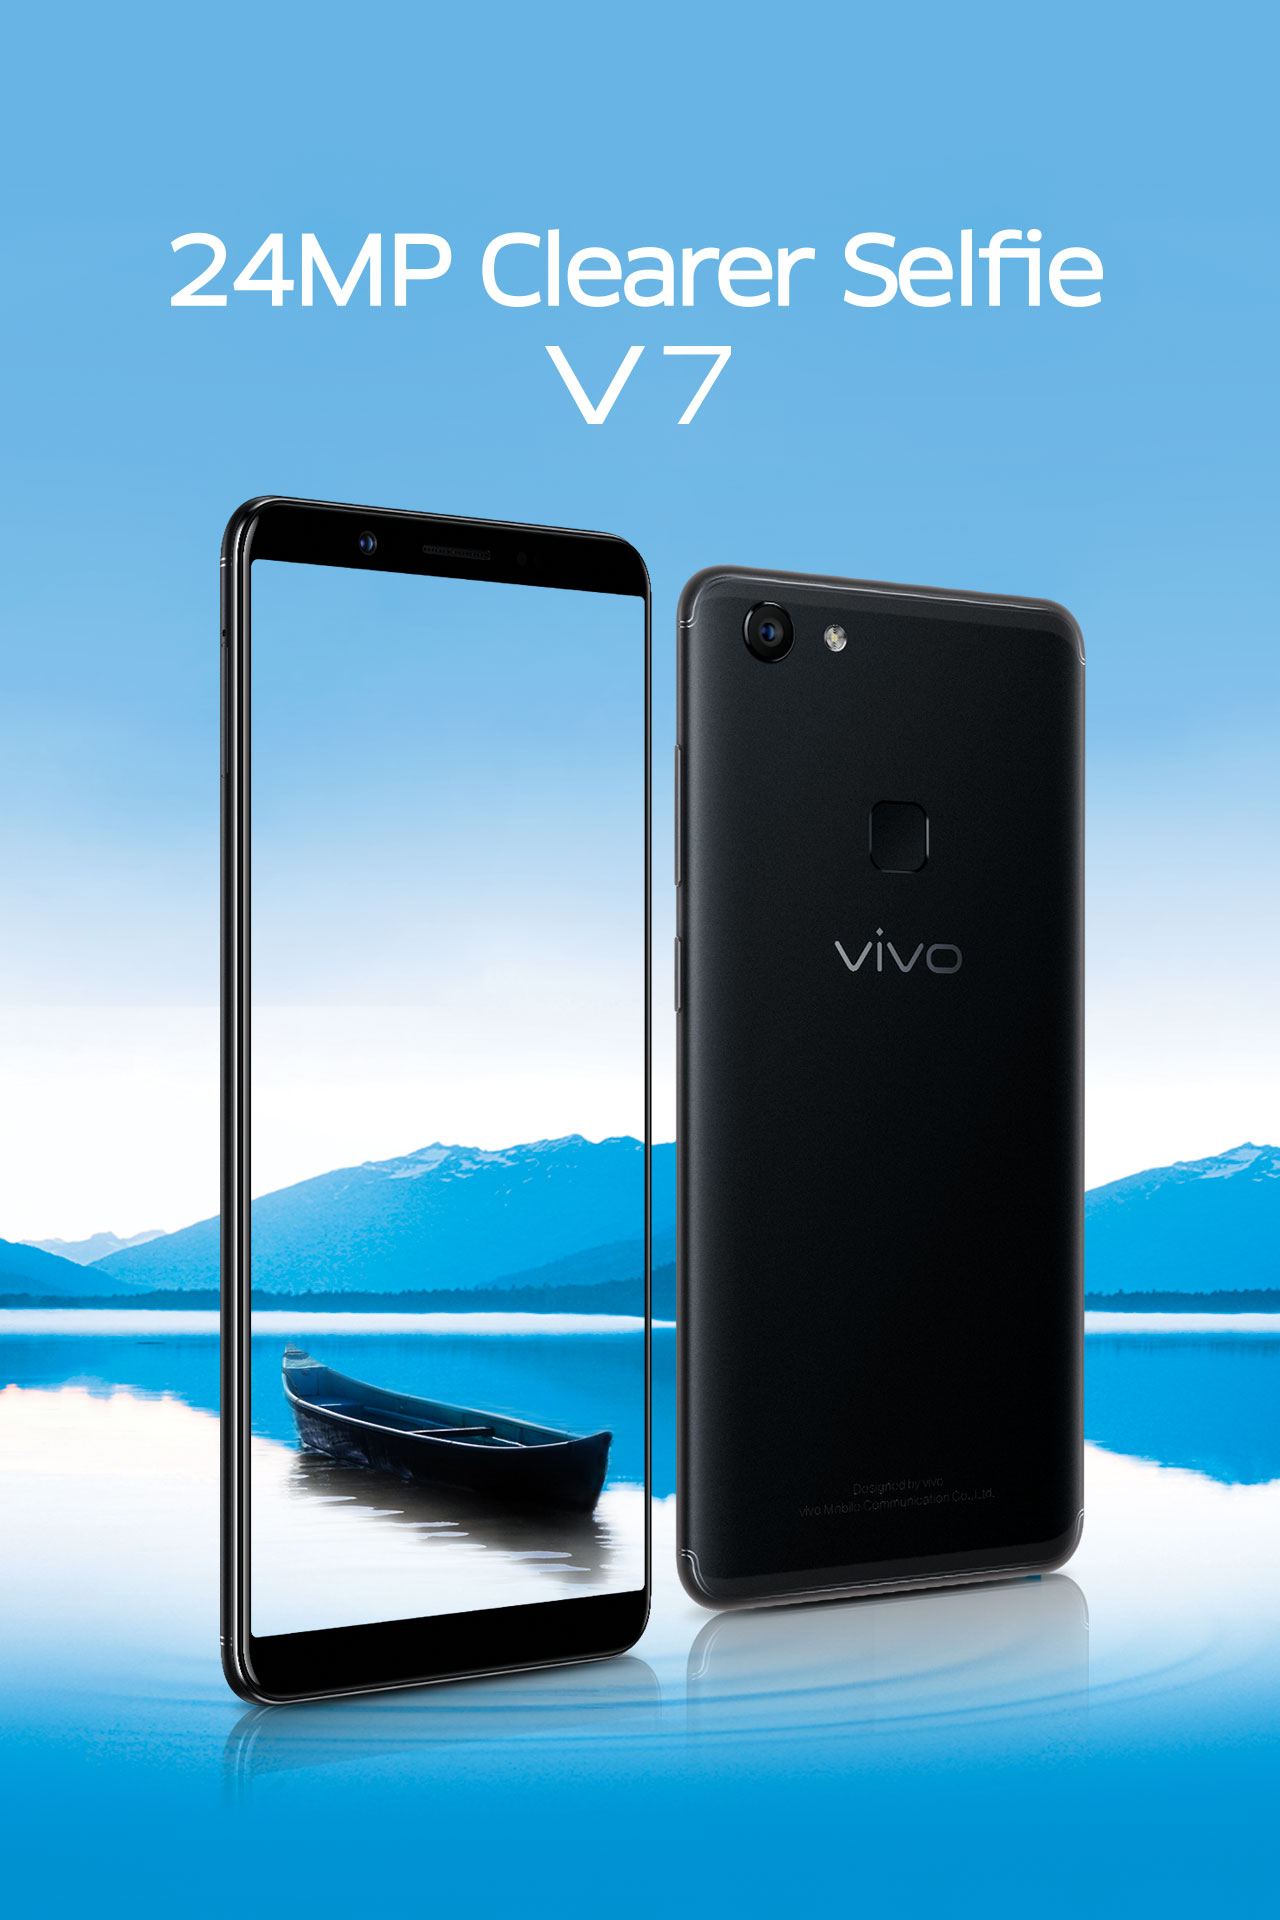 Vivo V7 | Vivo India